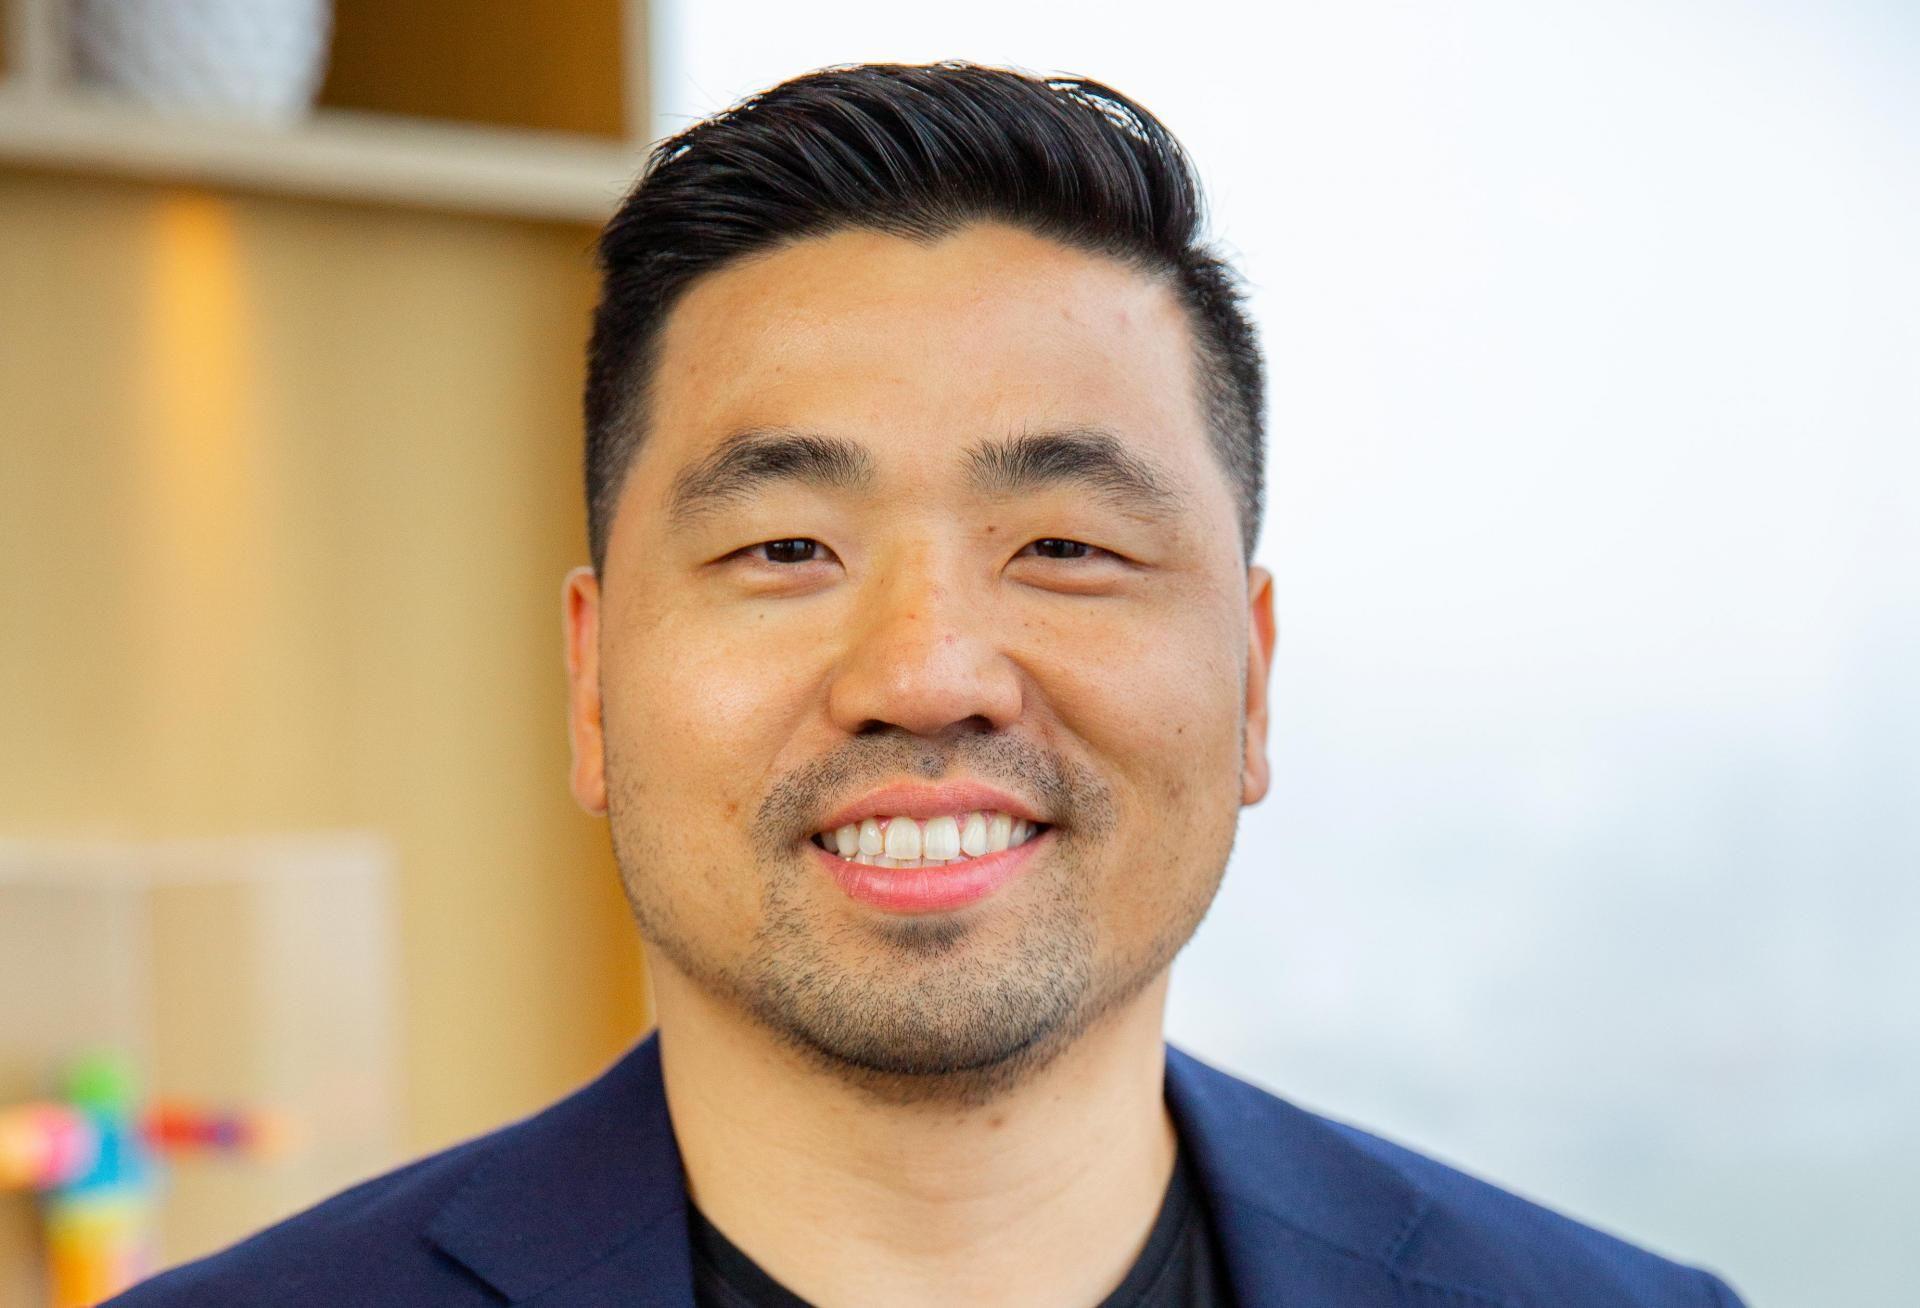 The Innovators: Ernest Lee